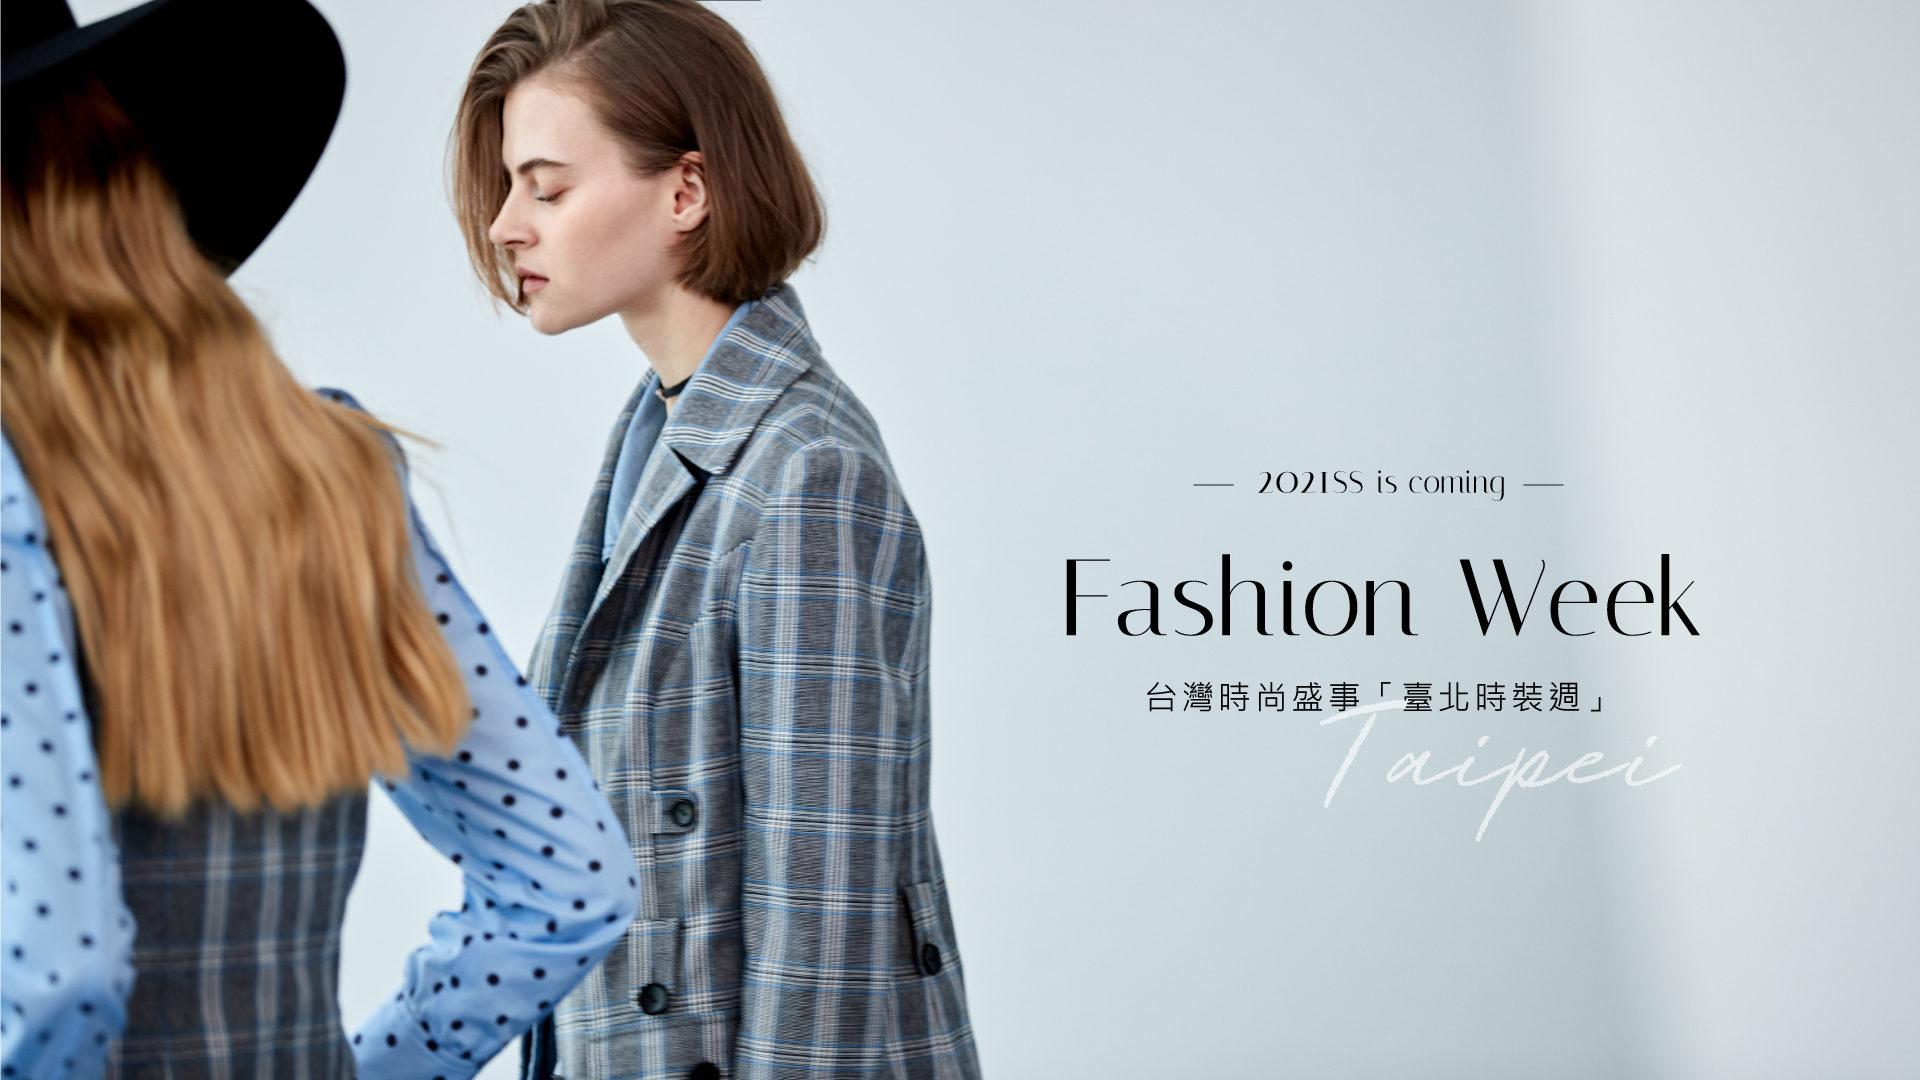 歷屆最大、為期超過一個月!數不完時尚亮點的「台北時裝週」今年絕對值得一看